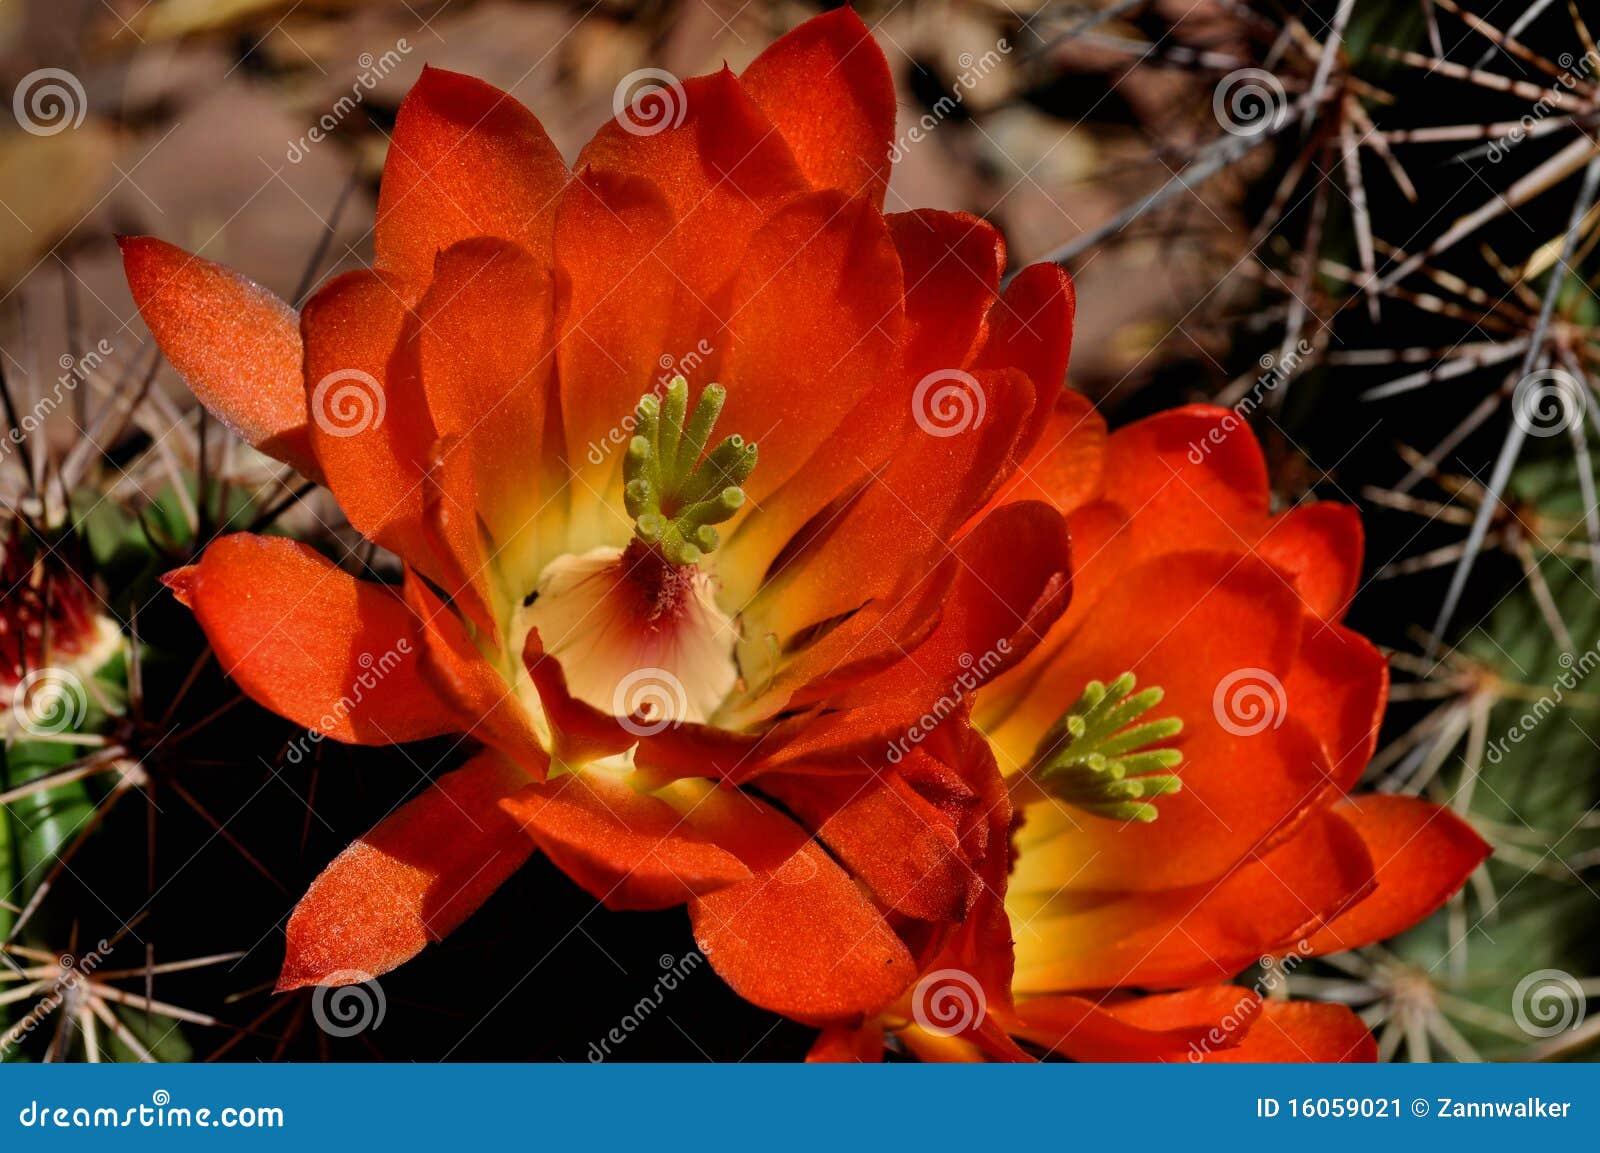 Download Desert Bloom in Red stock image. Image of pollen, garden - 16059021